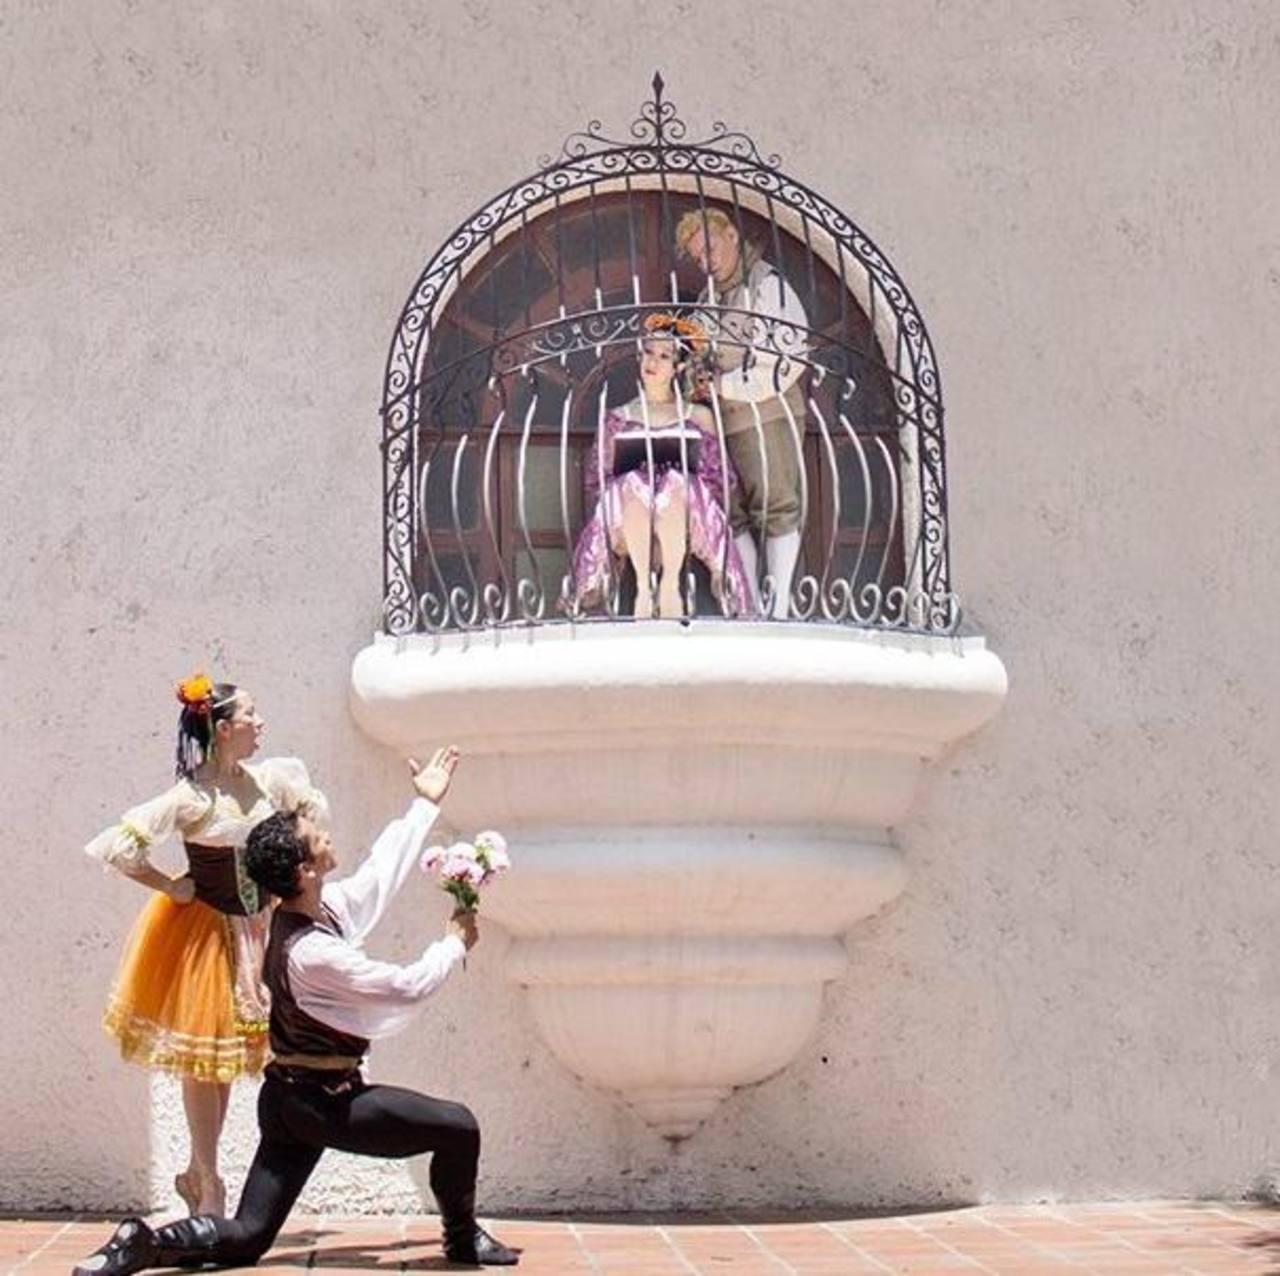 """Escena del ballet de """"Coppélia"""". Franz hace lo imposible por llamar la atención de la bella muñeca animada expuesta en el balcón."""